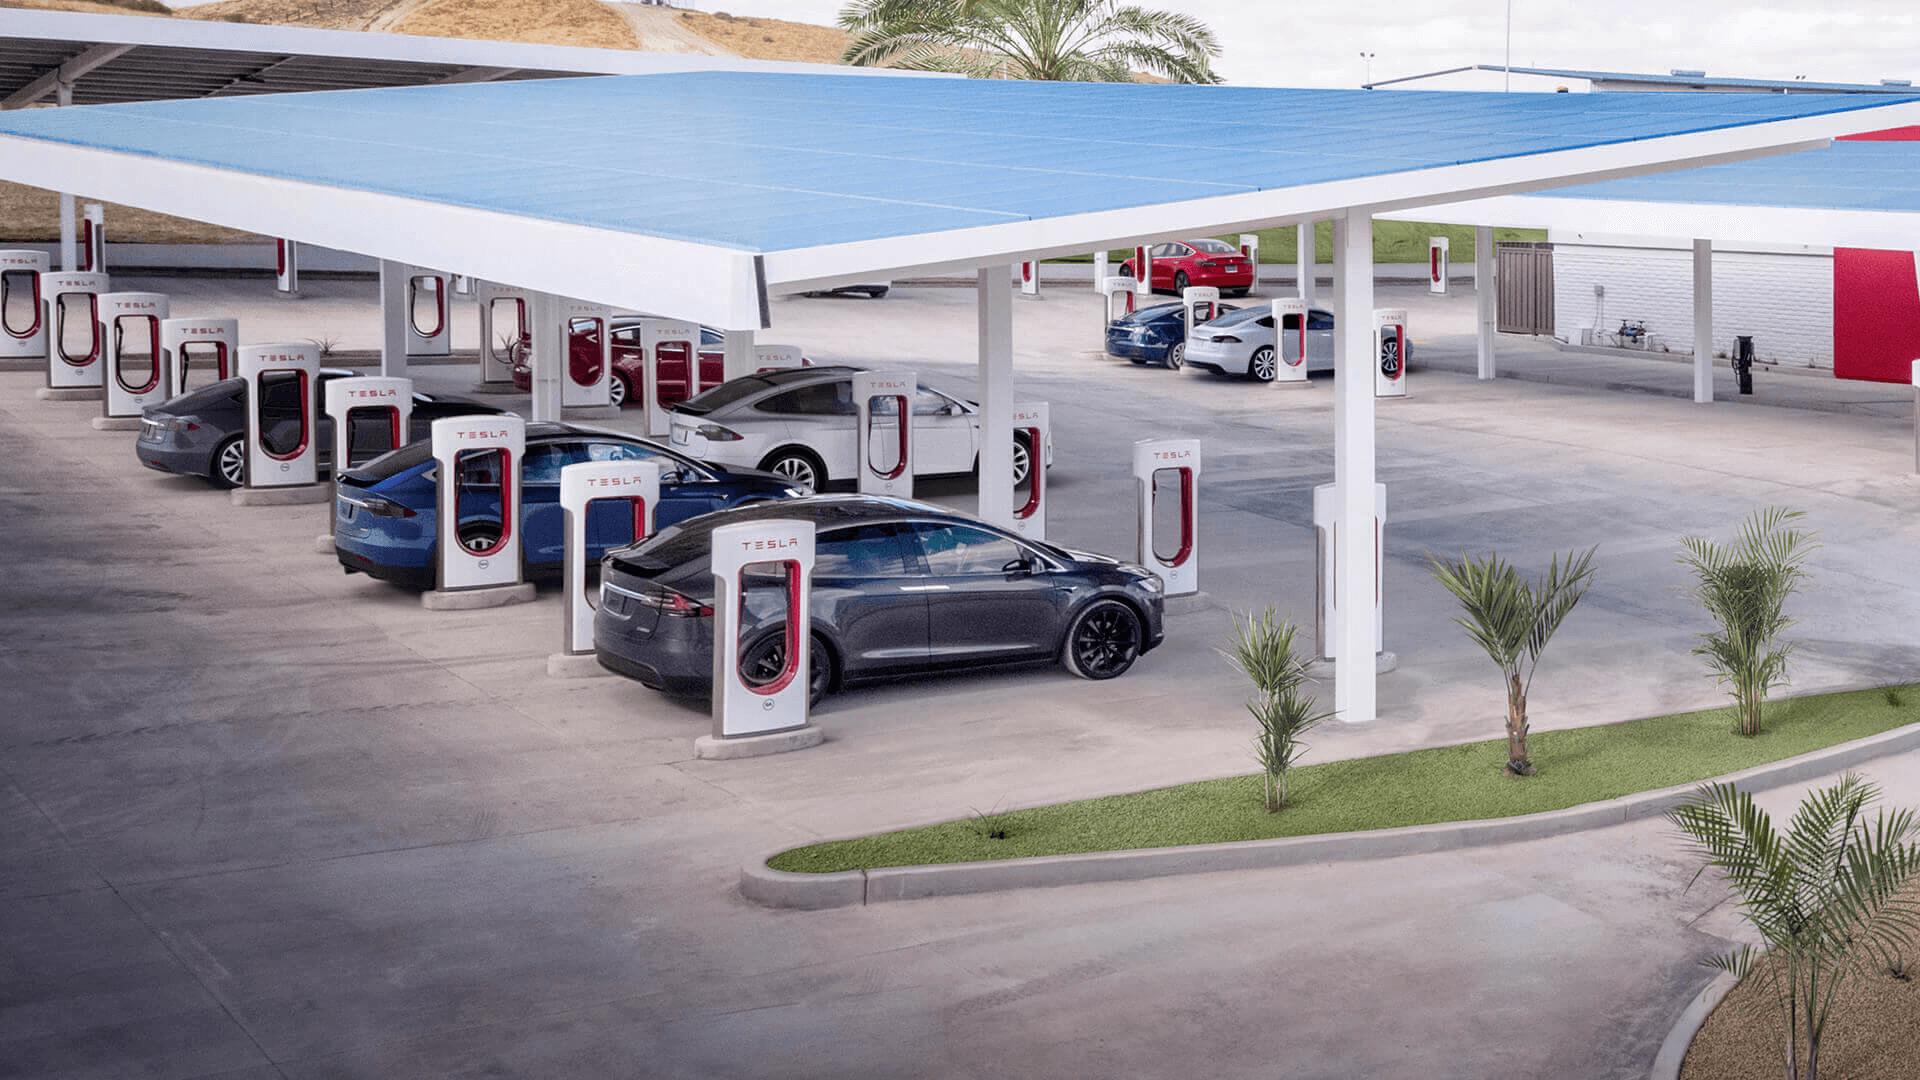 2020 台灣特斯拉 Supercharger 超級充電站收費價目表